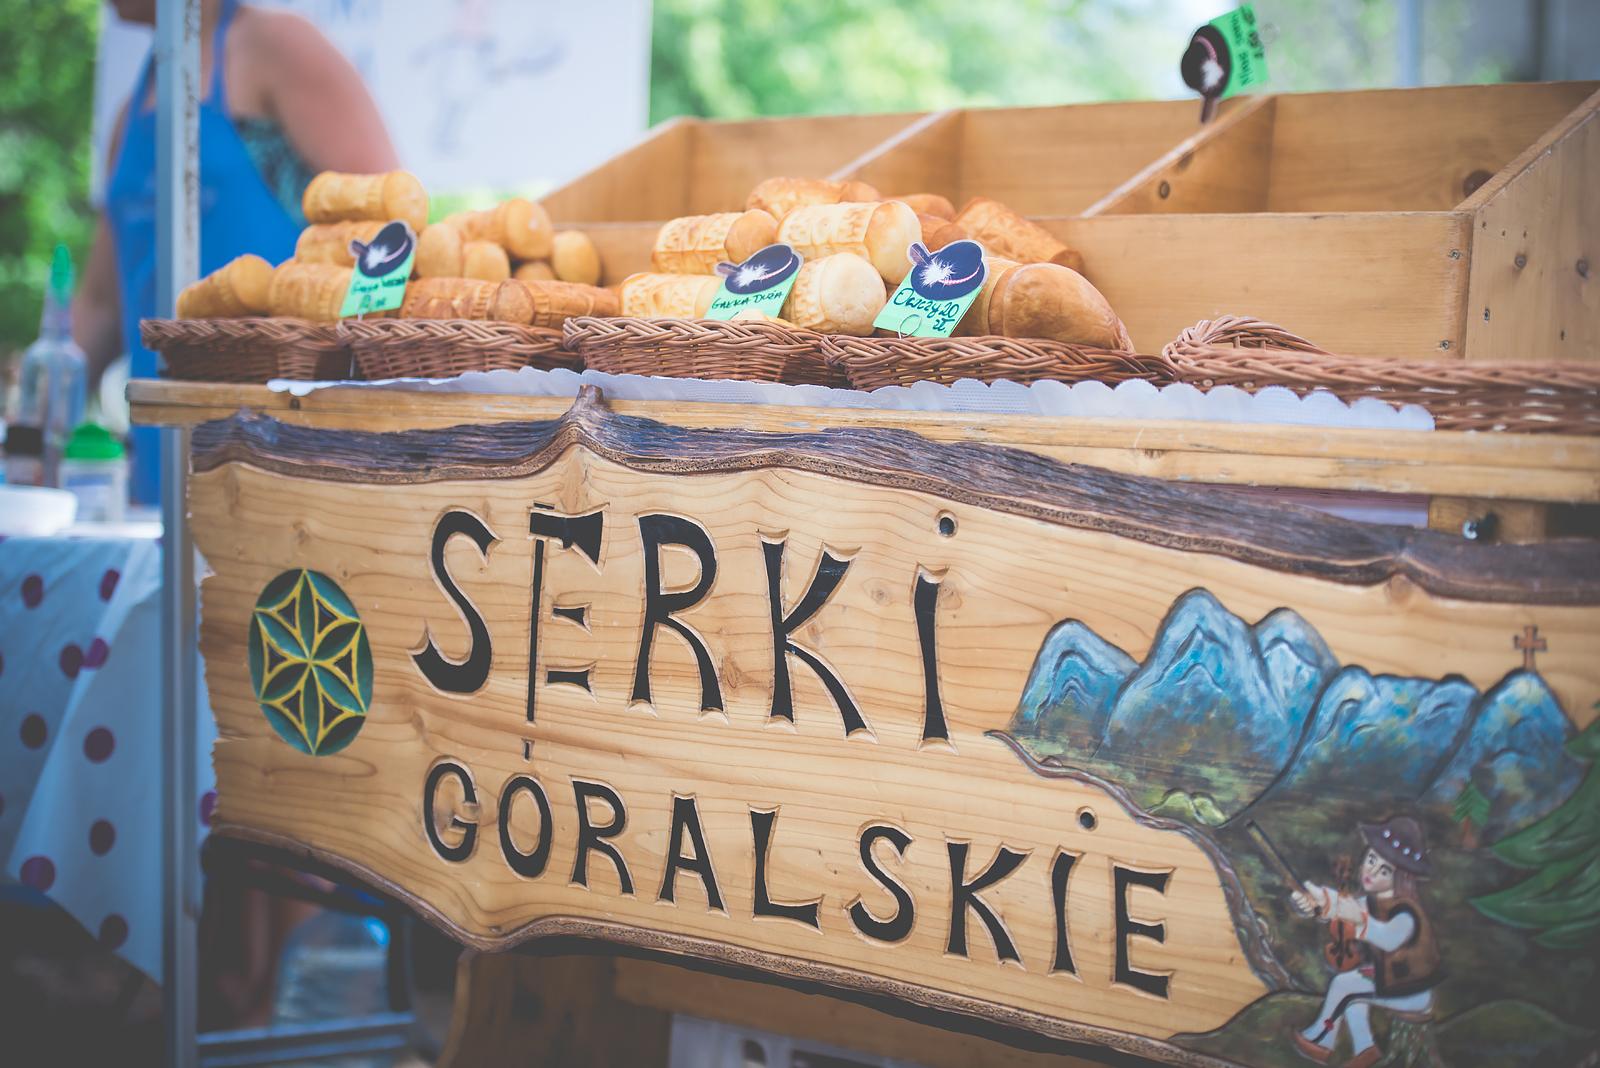 serki goralskie